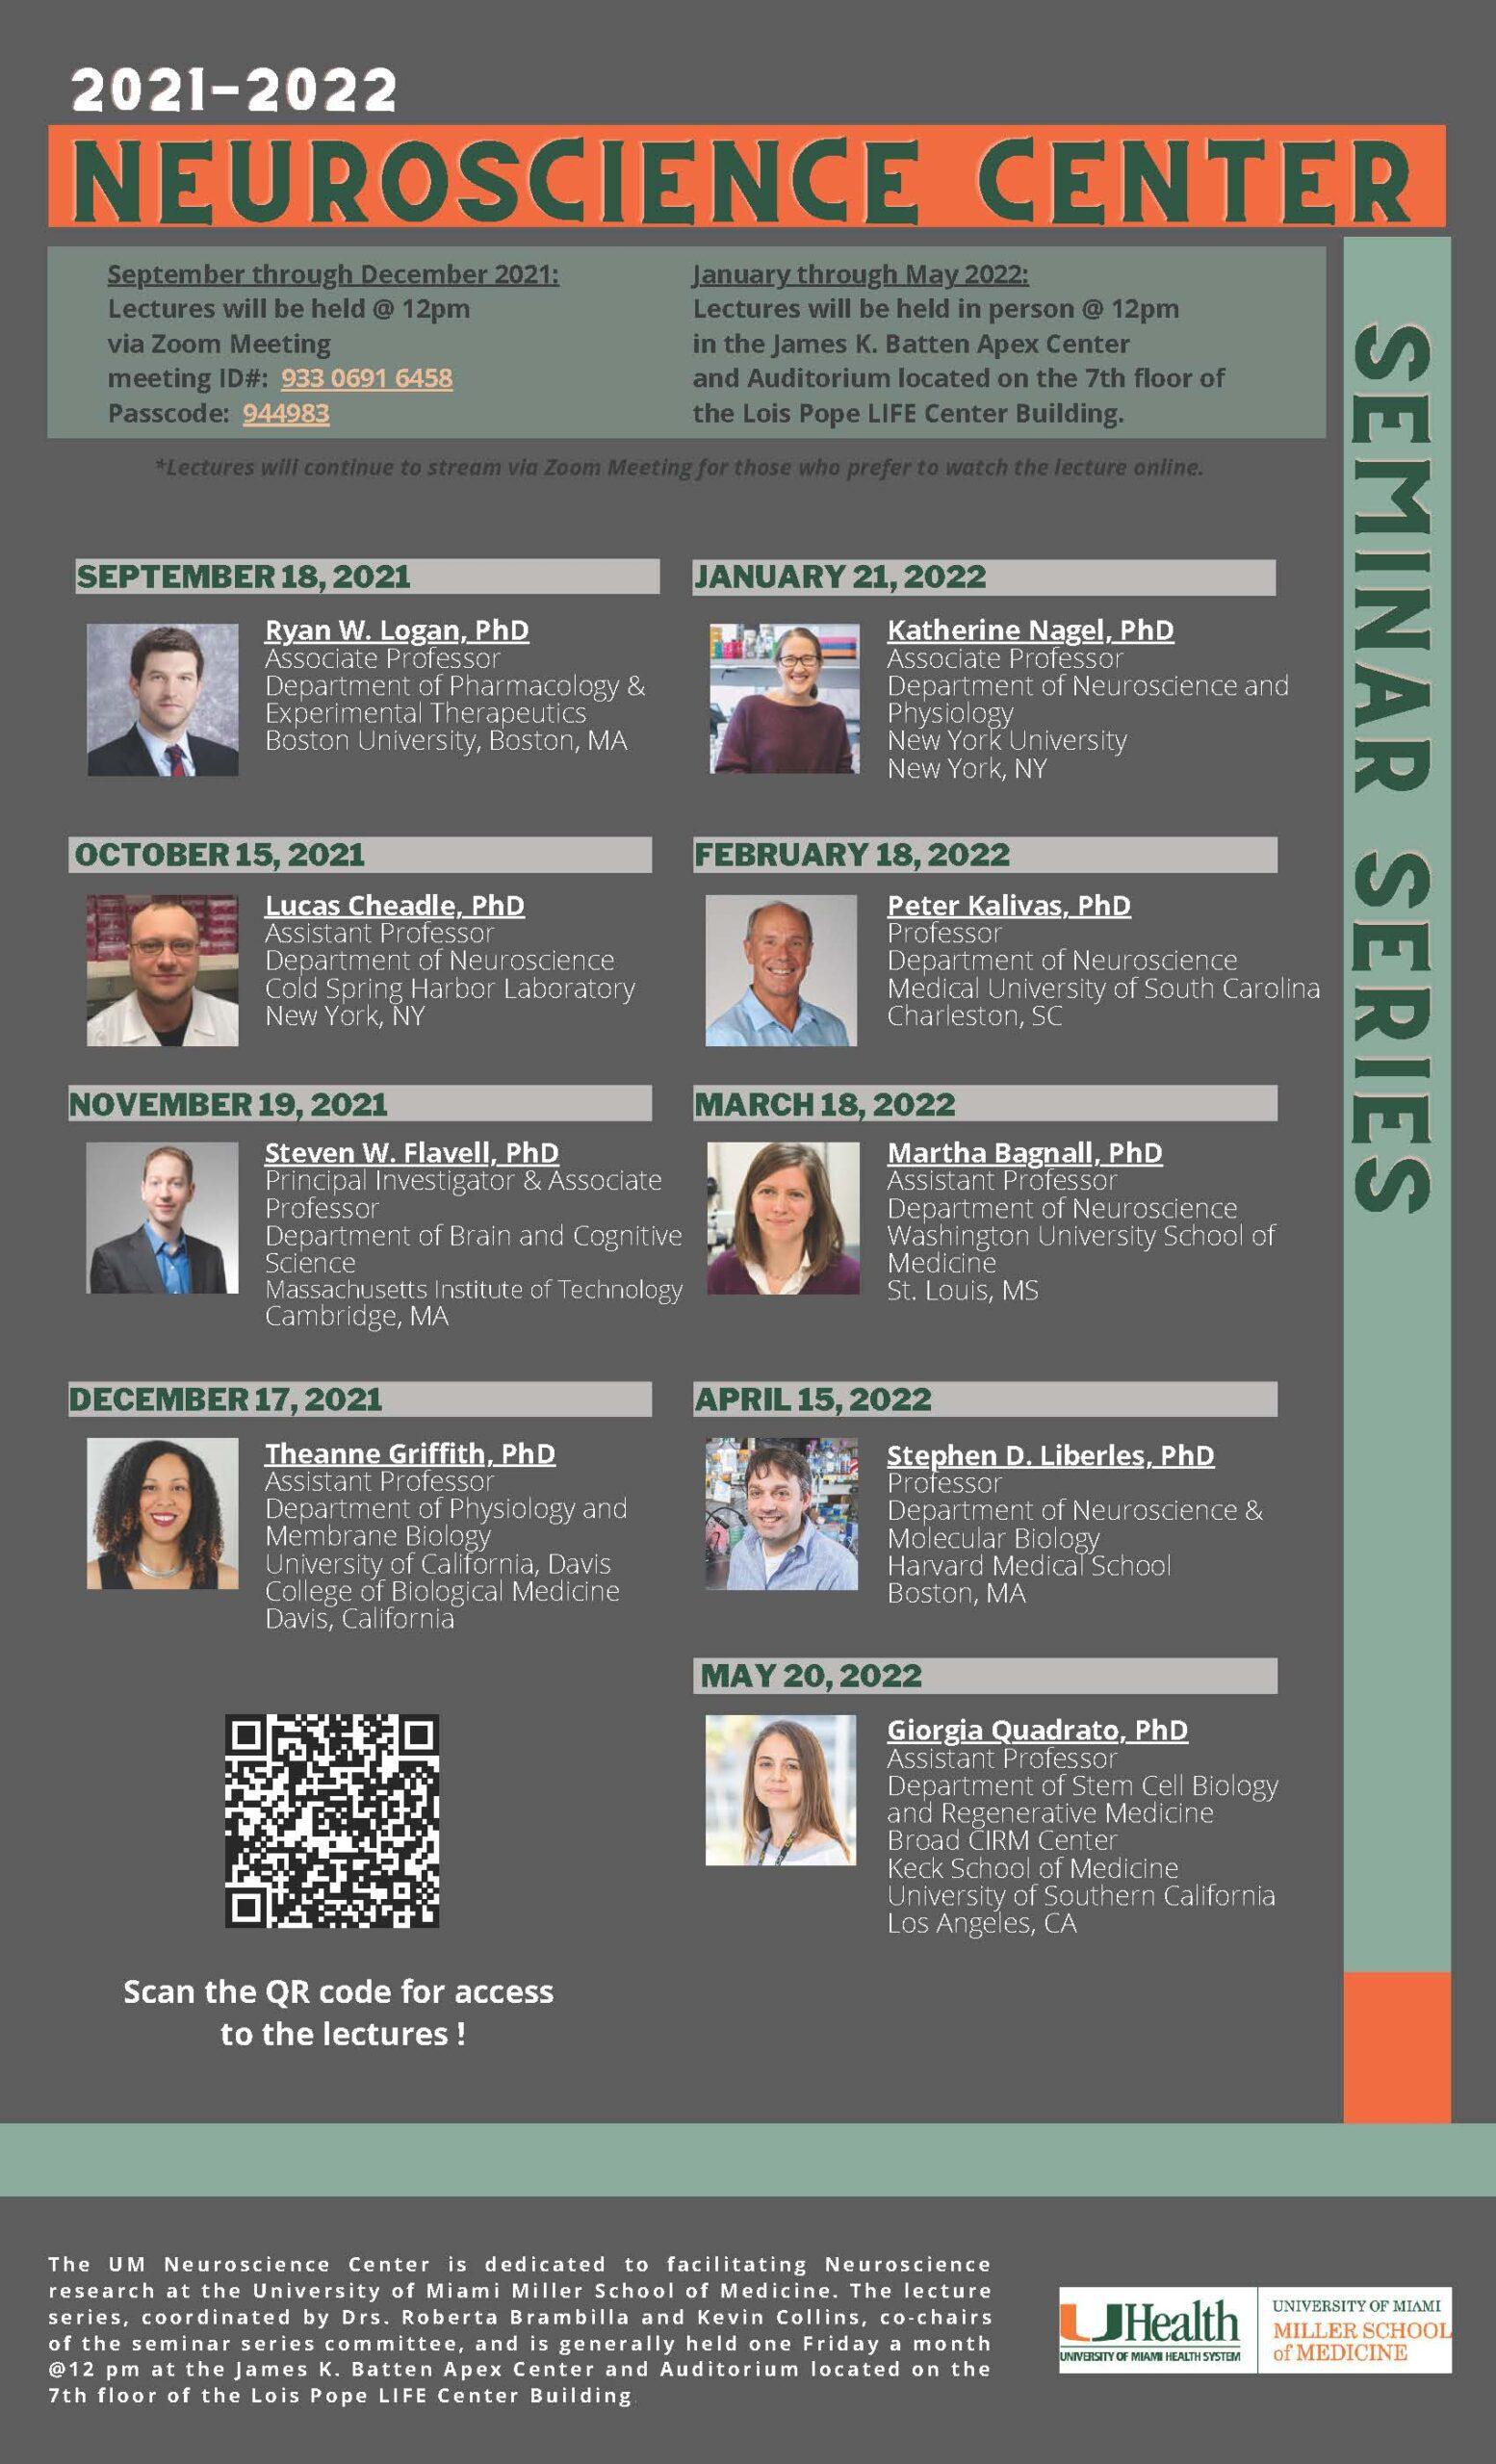 Neuroscience Center Seminar Series 2021-2022